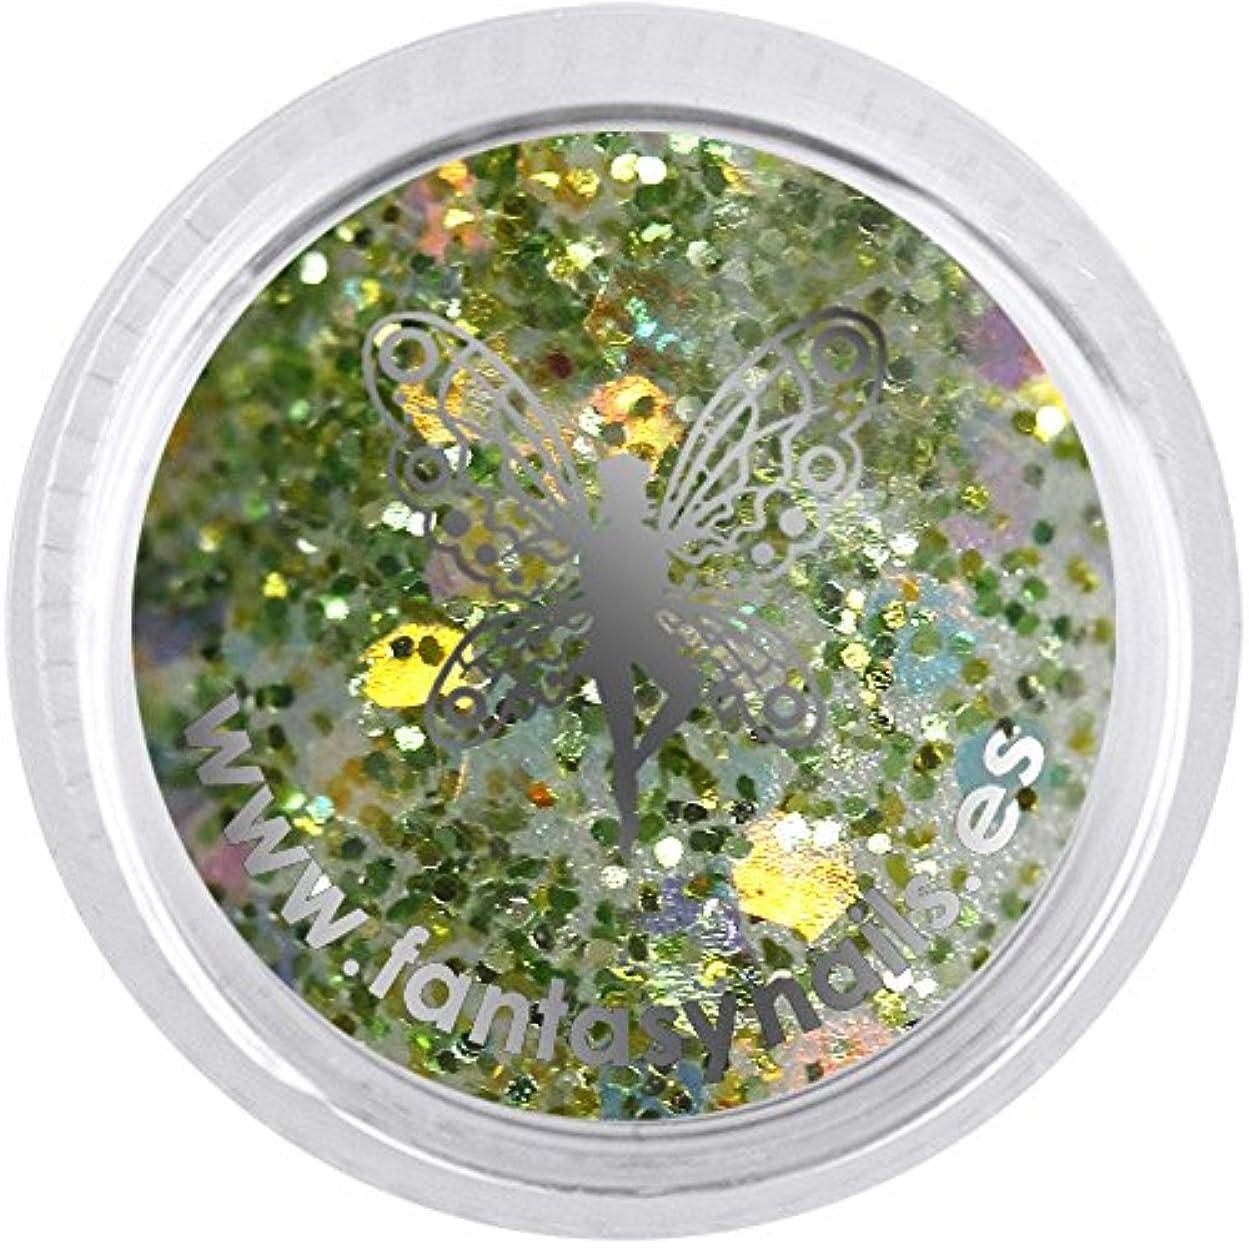 戸惑う休戦ストラップFANTASY NAIL トウキョウコレクション 3g 4226XS カラーパウダー アート材